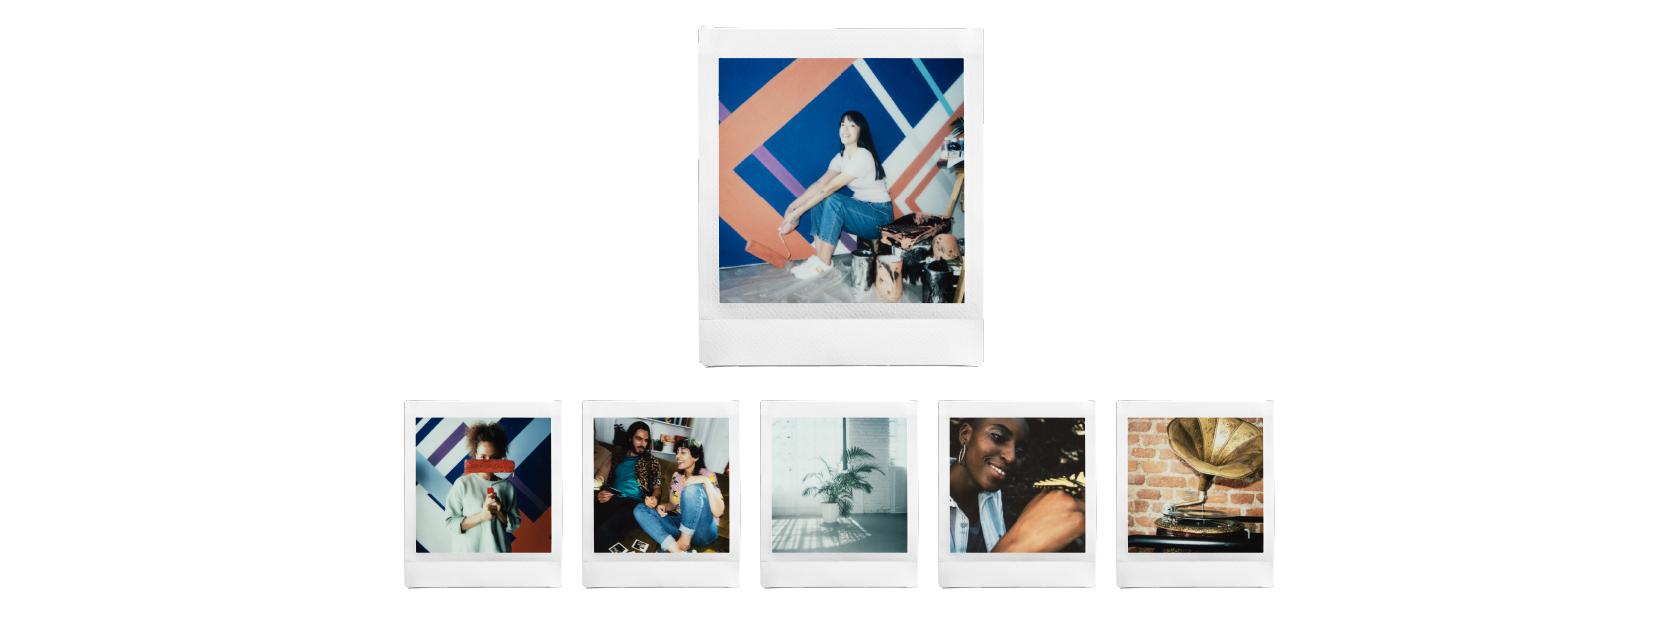 [fotografía] Fila de impresiones fotográficas de la película INSTAX Square: varias imágenes de jóvenes pintando y hablando, y de decoraciones